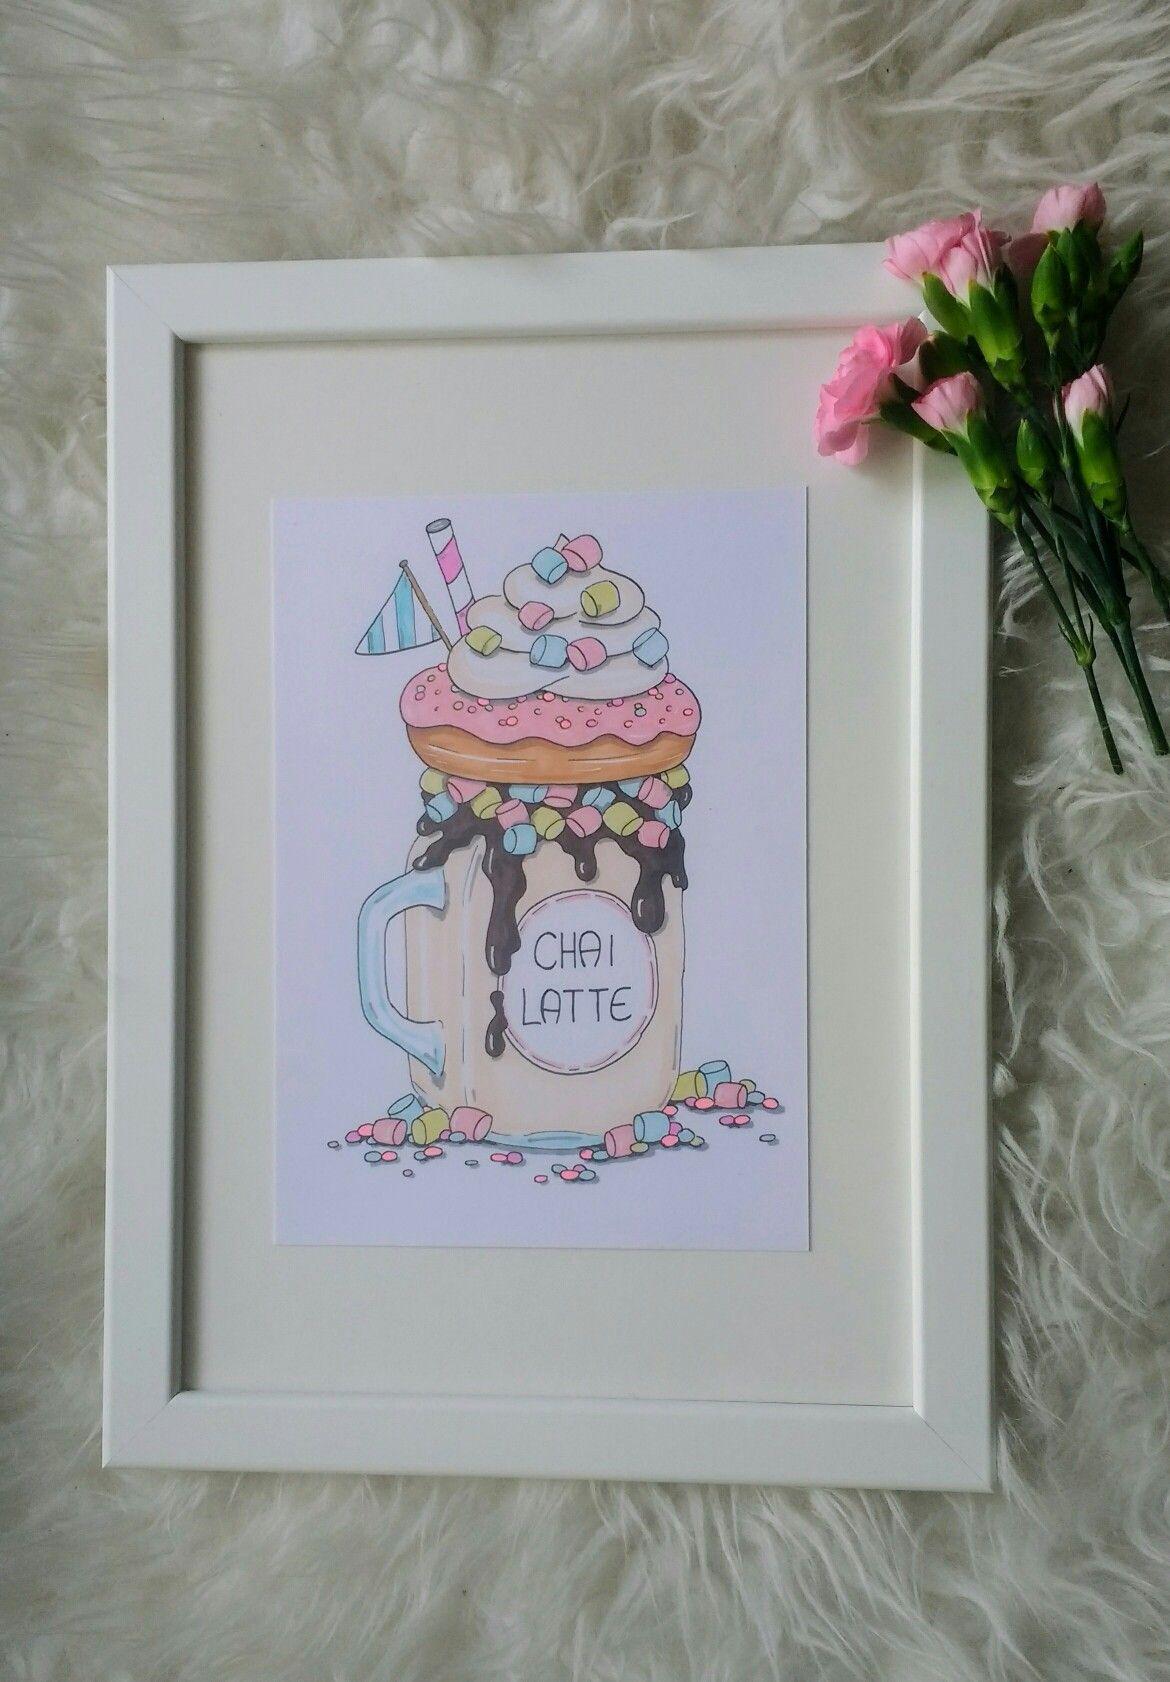 Fancy-chai-latte-Shake  Eine meiner vielen zuckersüßen Illustrationen 🍓 Erhältlich in meinem Etsy Shop: Herz und Zuckerguss www.etsy.com/de/shop/HerzUndZuckerguss